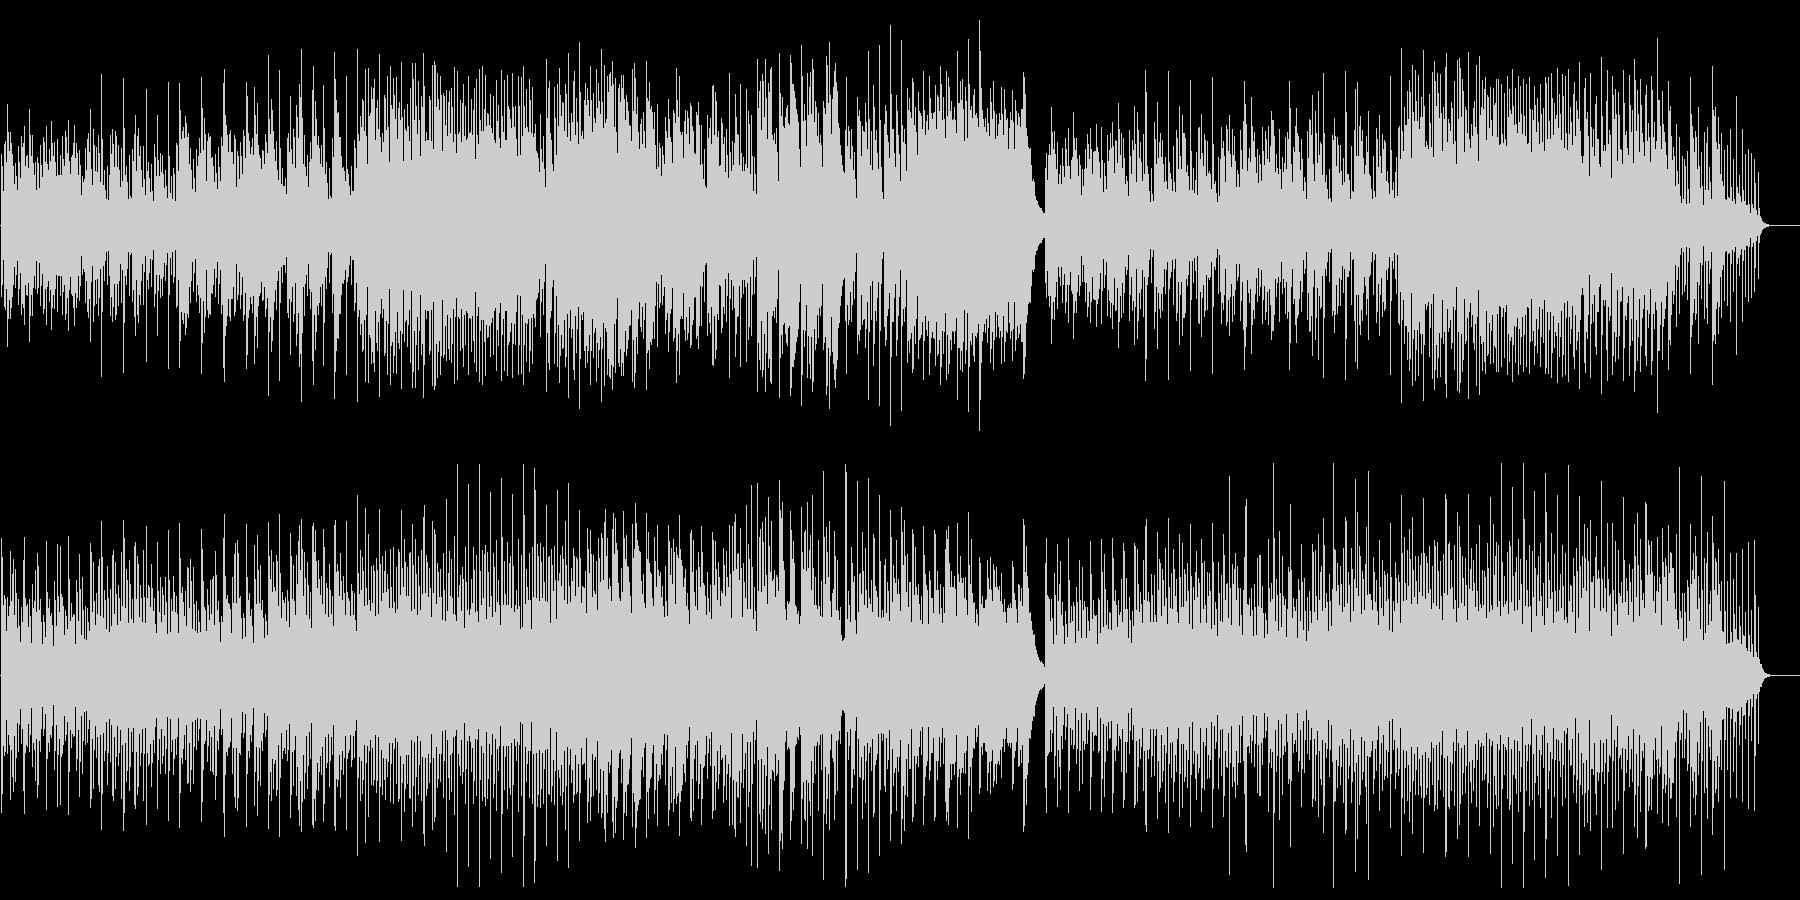 ミステリアスなピアノインストルメントの未再生の波形